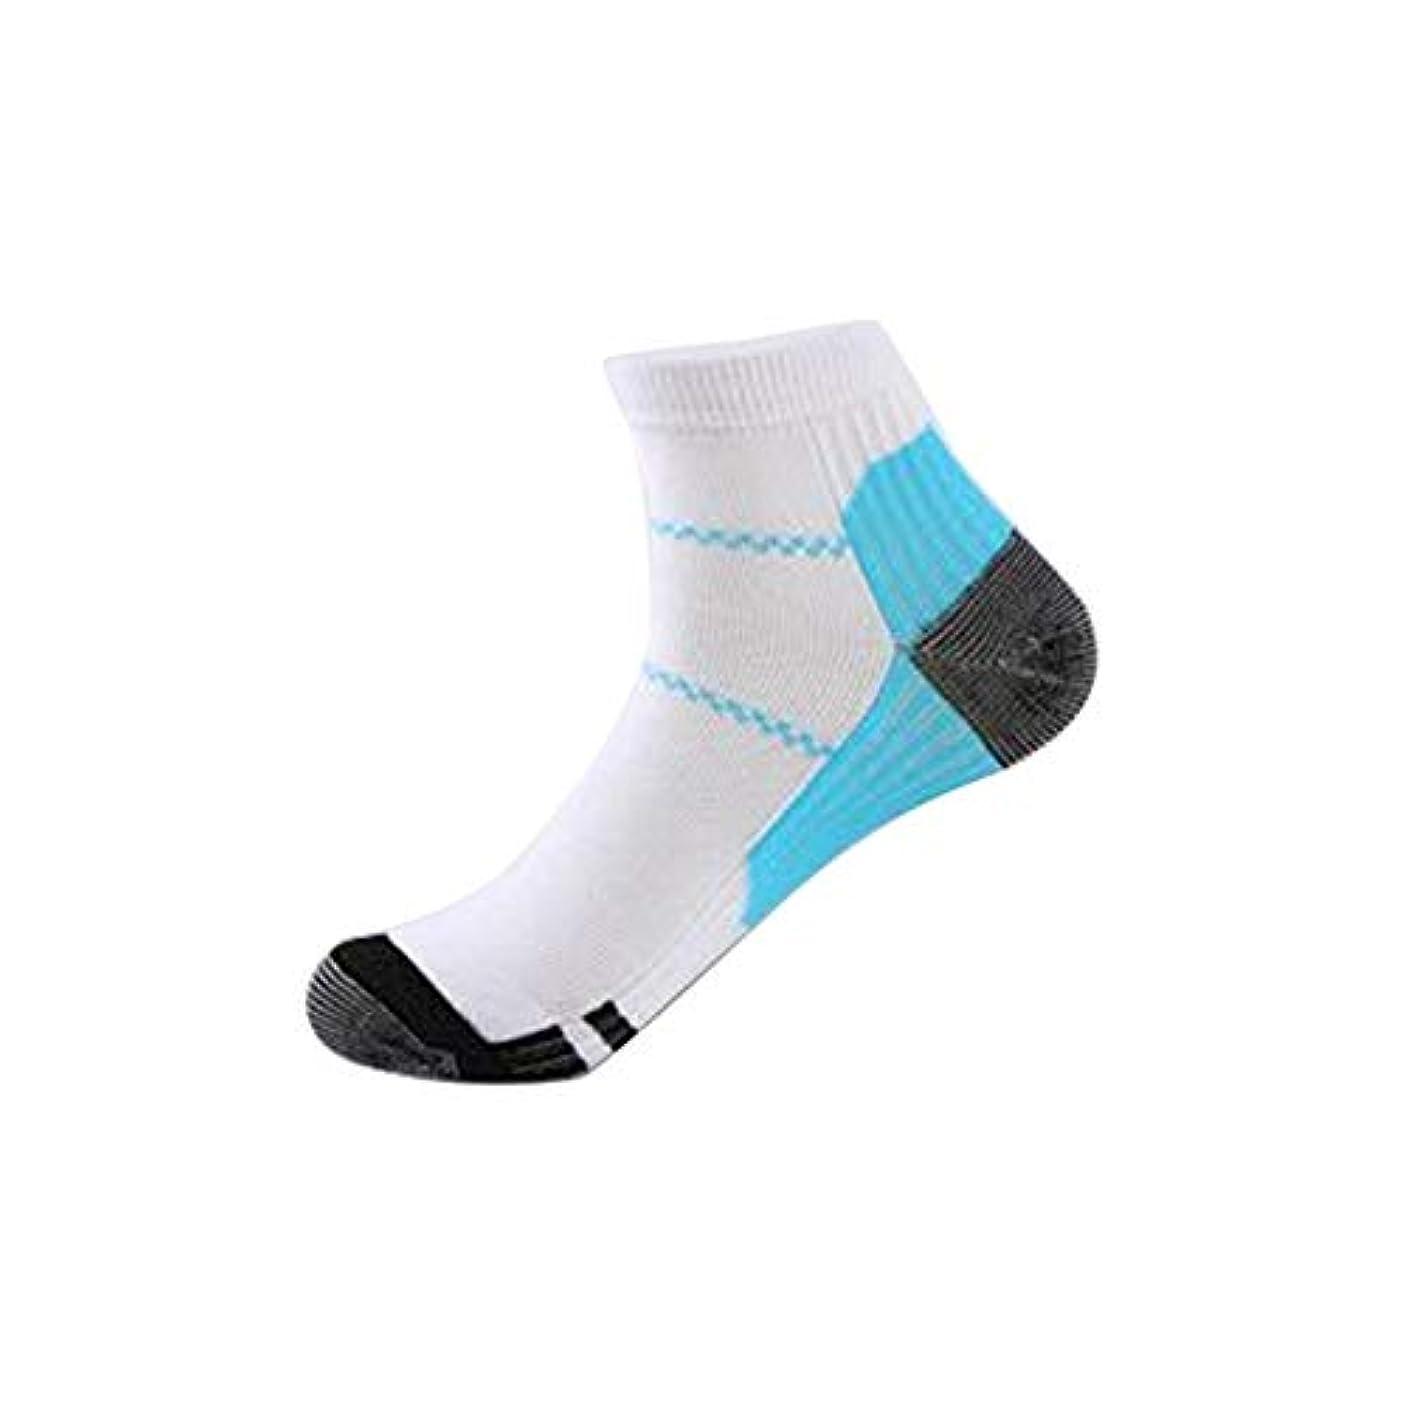 口不利次へ快適な男性女性ファッション短いストレッチ圧縮靴下膝ソックスサポートストレッチ通気性ソックス - ホワイト&ブルーS/M